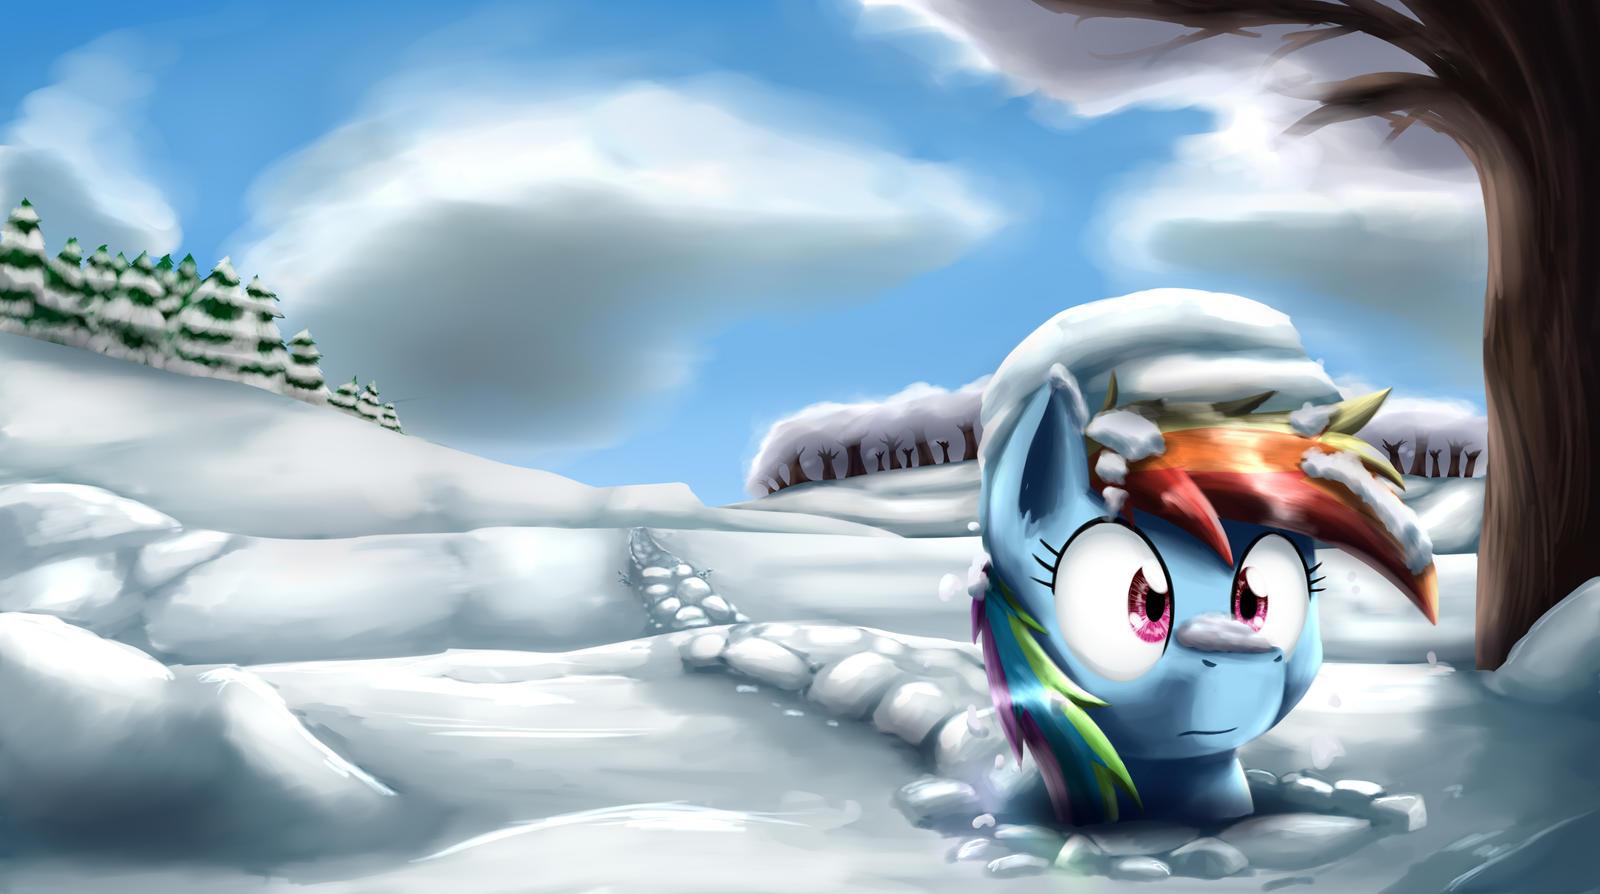 Dashie through the snow by otakuap